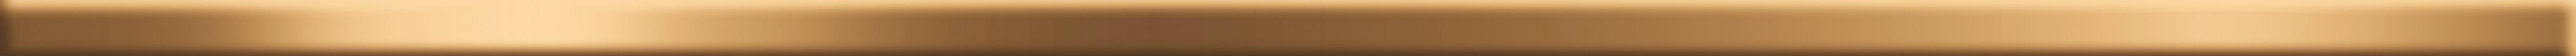 Купить Керамическая плитка AltaСera Arrow Tenor Gold BW0TNR09 бордюр 1, 3х60, Россия